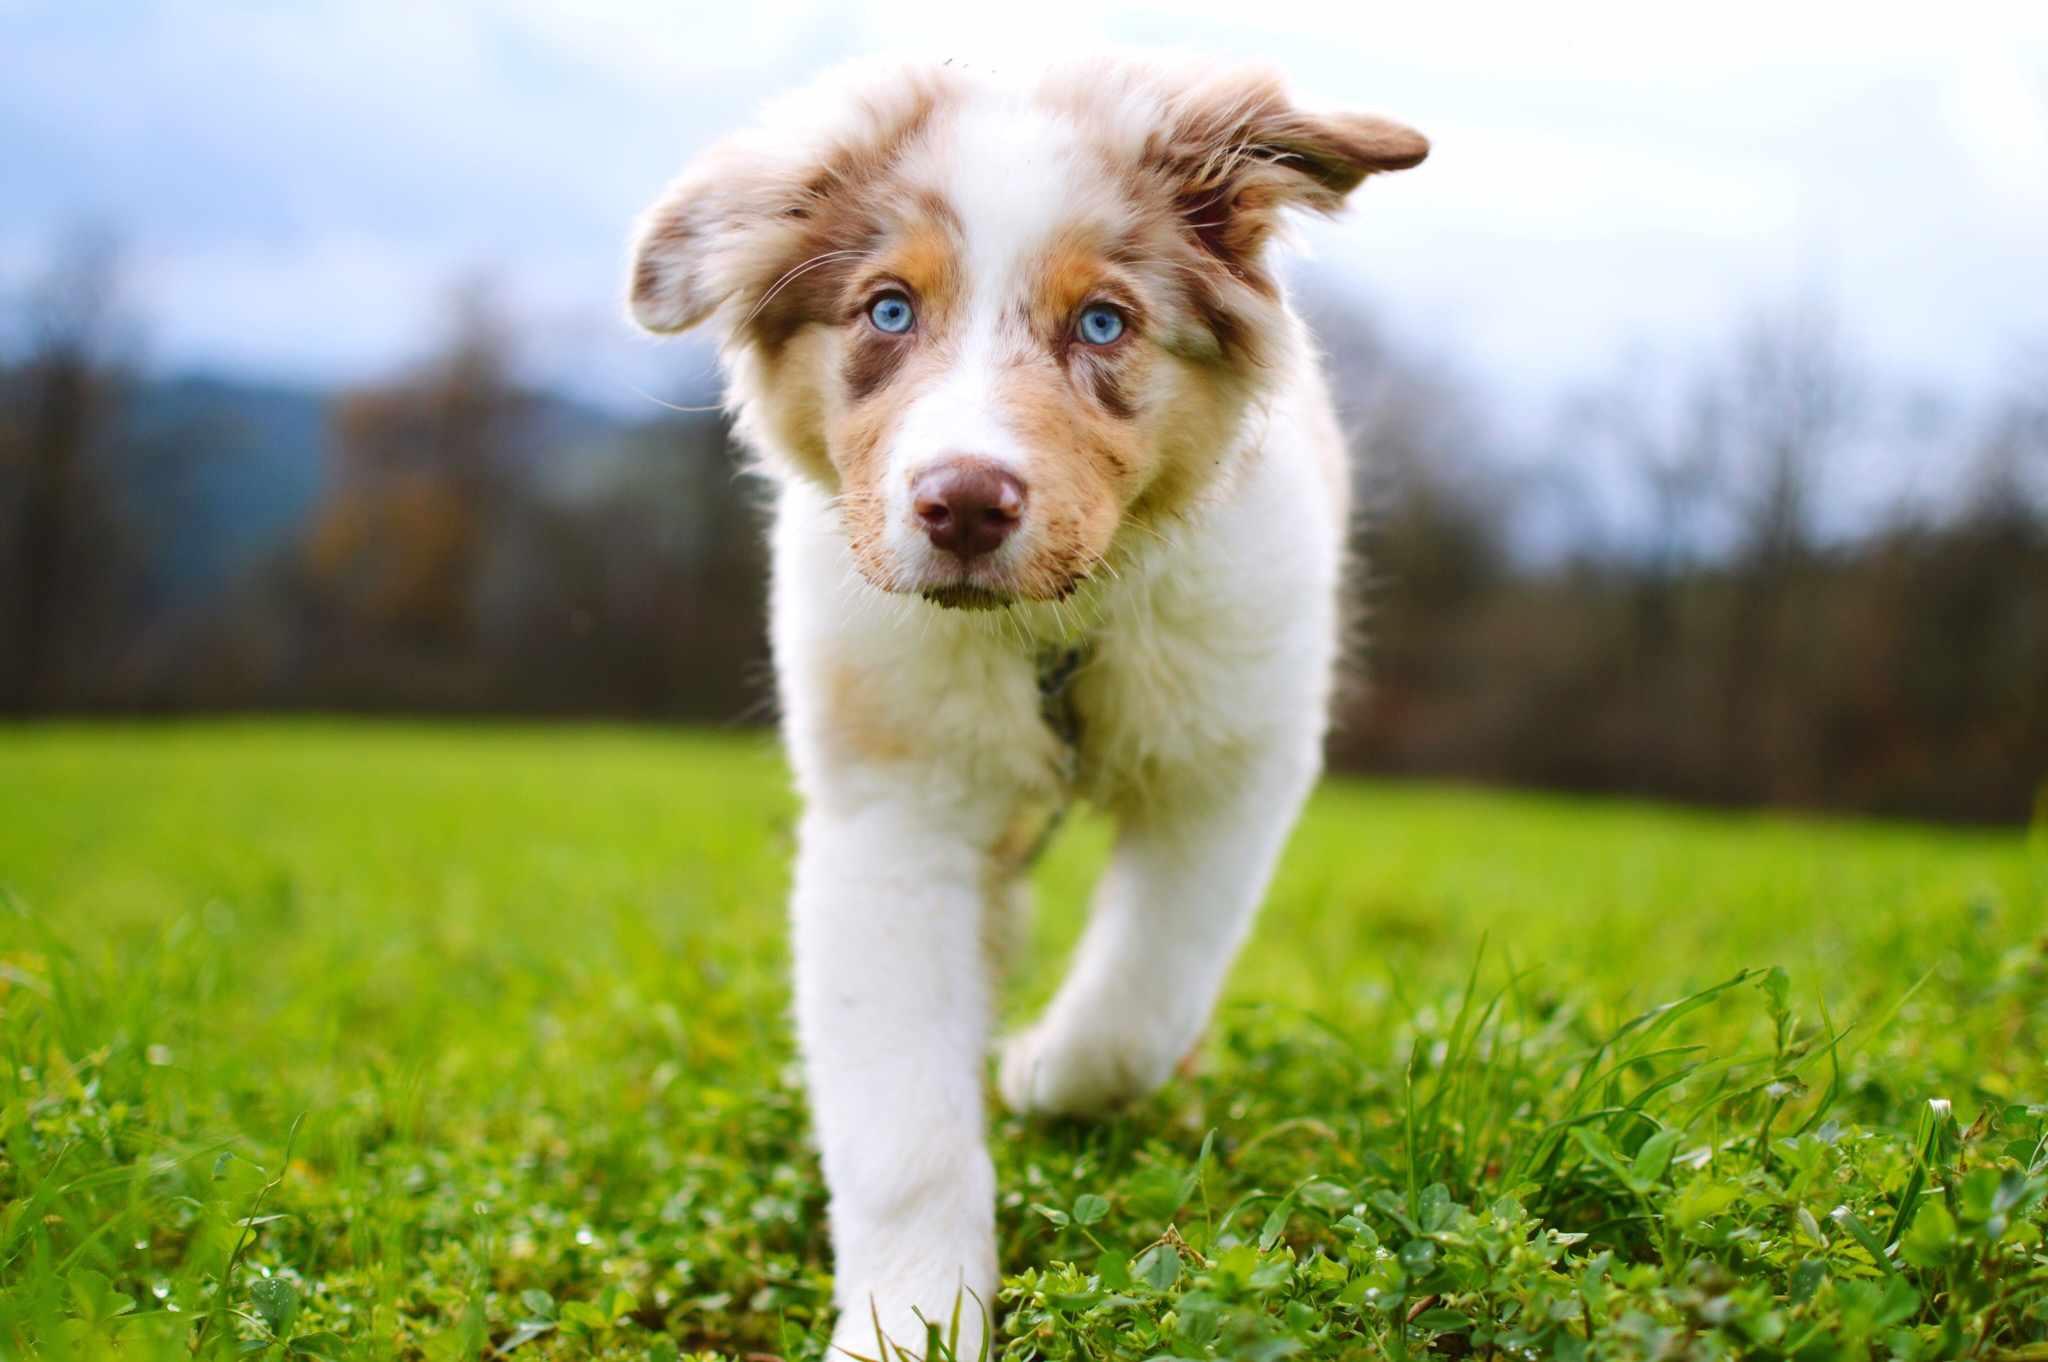 Portrait Of Australian Shepherd Puppy On Grass